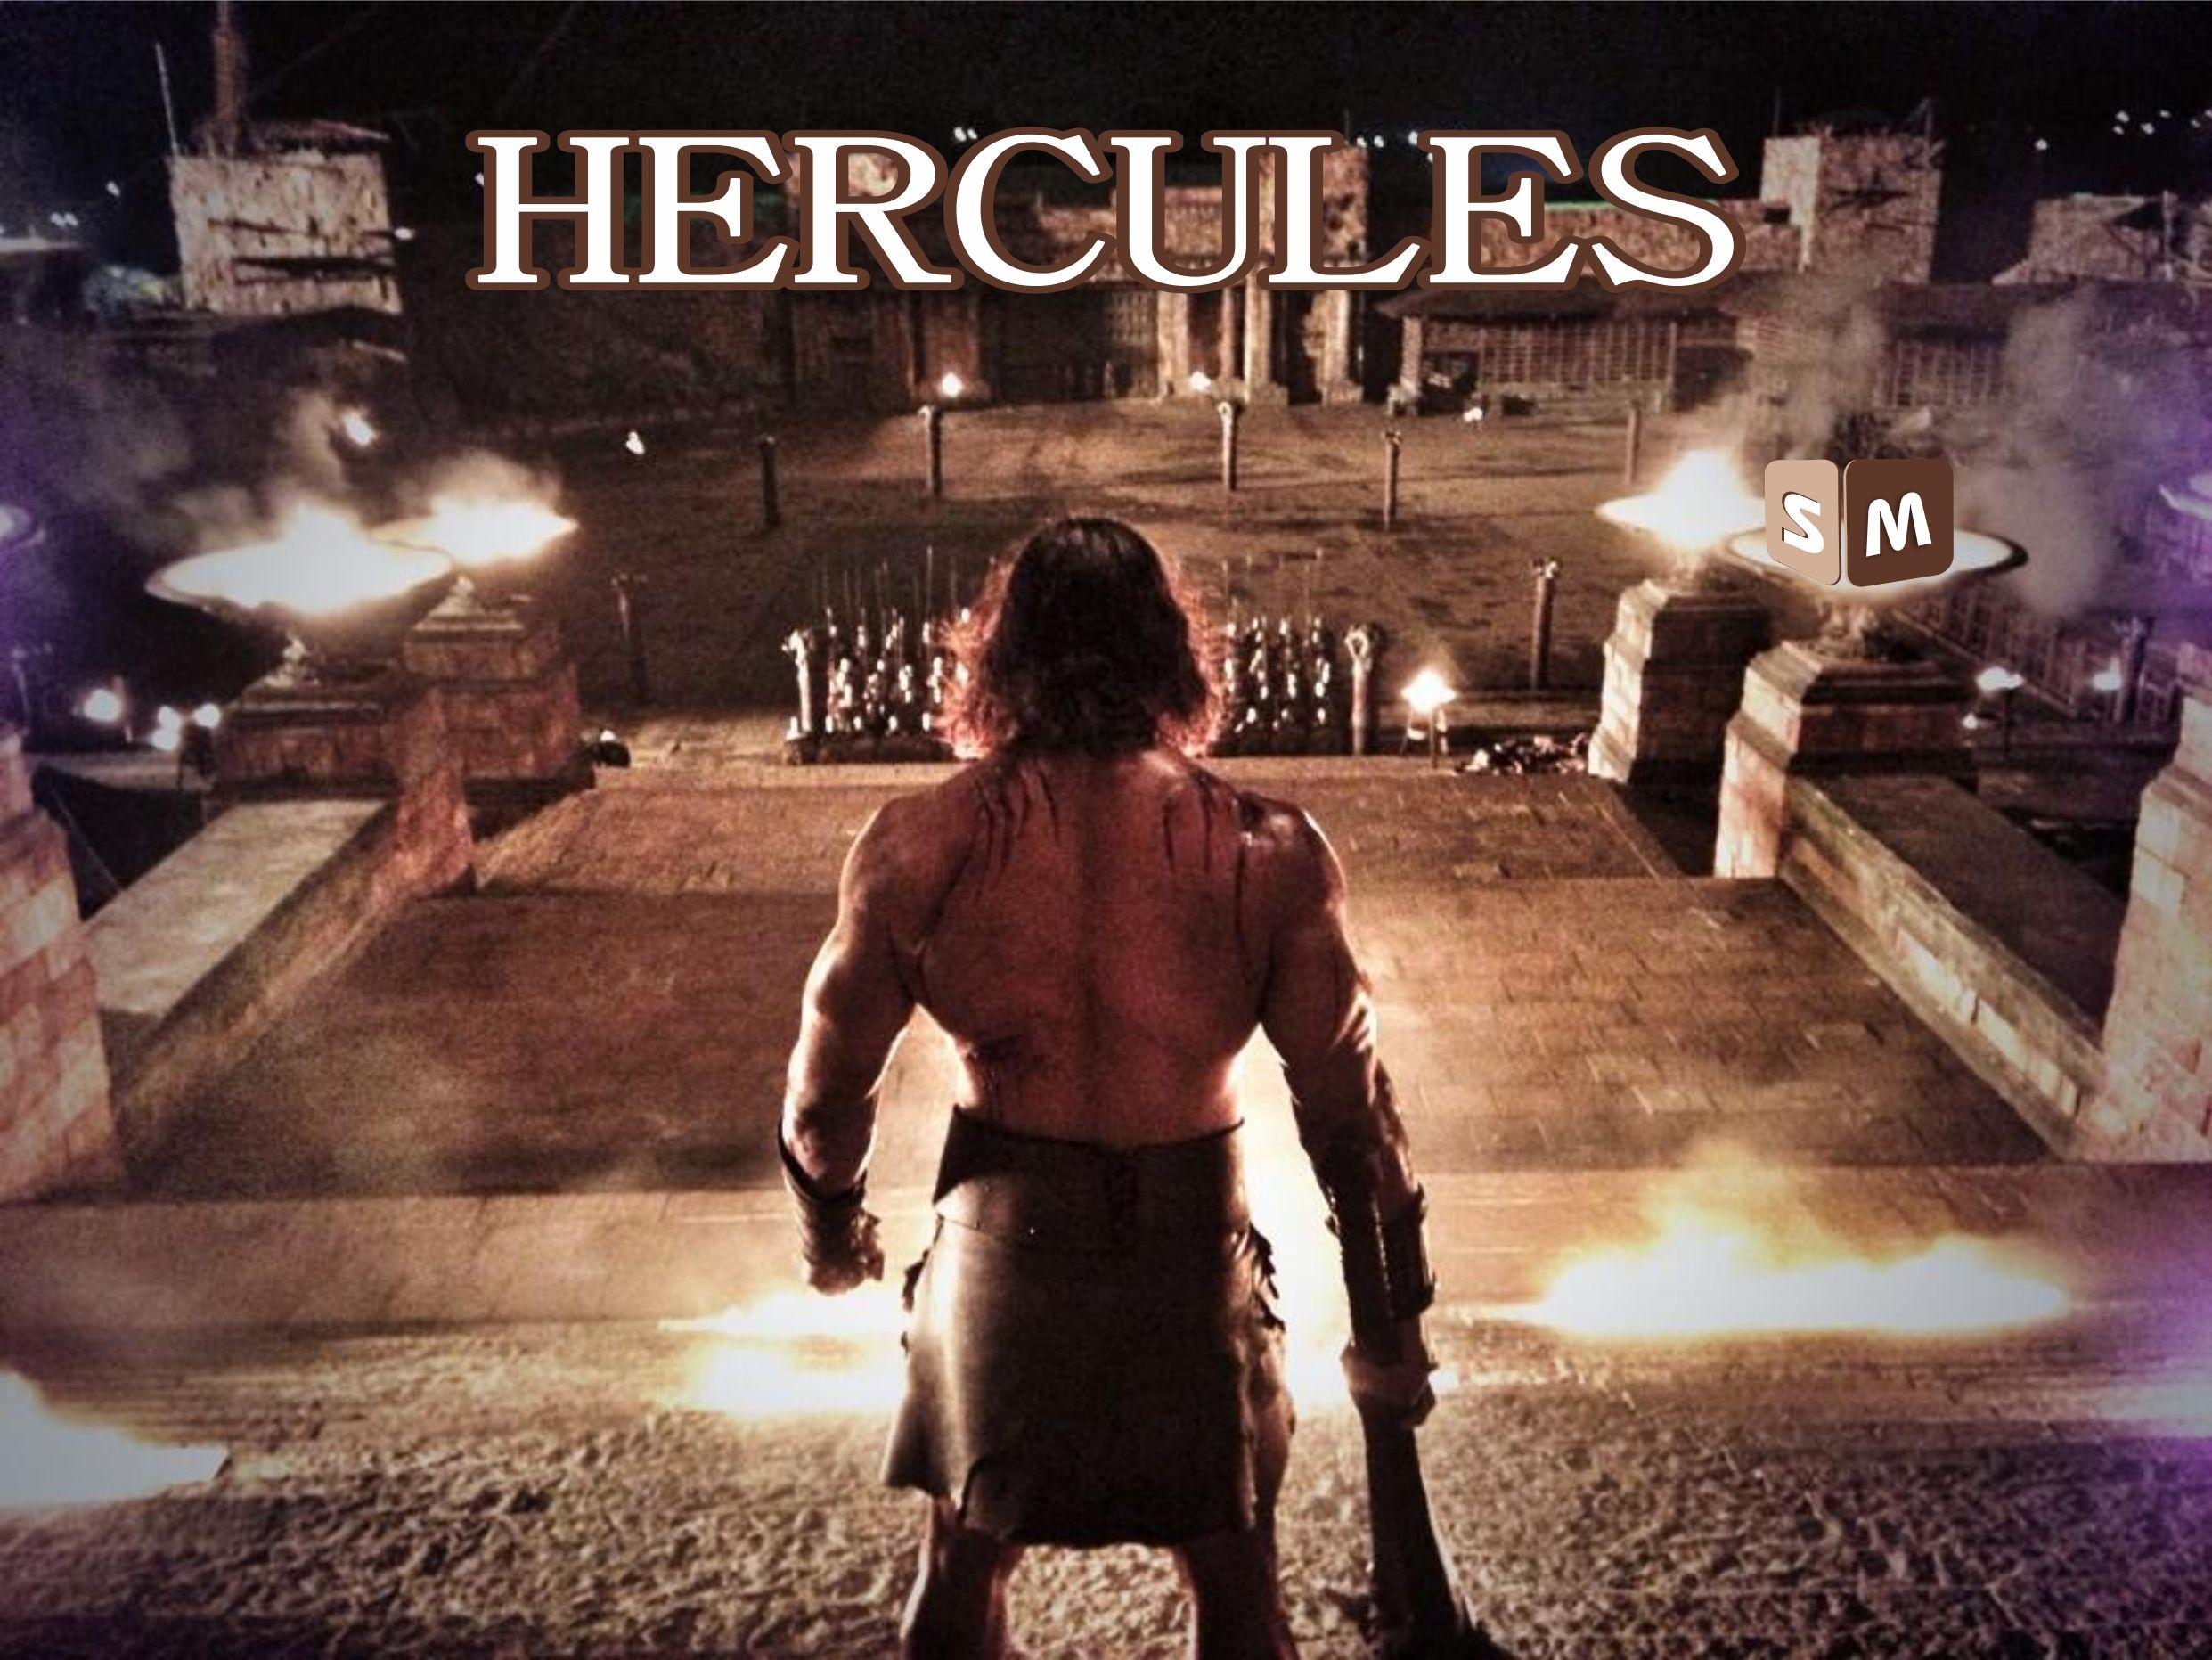 Herkül:Bir Kahramanın Hikayesi  Yunan mitolojisinin en güçlü kahramanı.Onun adı Herkül.Ya da diğer adıyla Herakles.Büyük küçük herkesin tanıdığı bildiği bir efsane.  http://www.sosyalmecra.org/herkul-bir-kahramanin-hikayesi.html